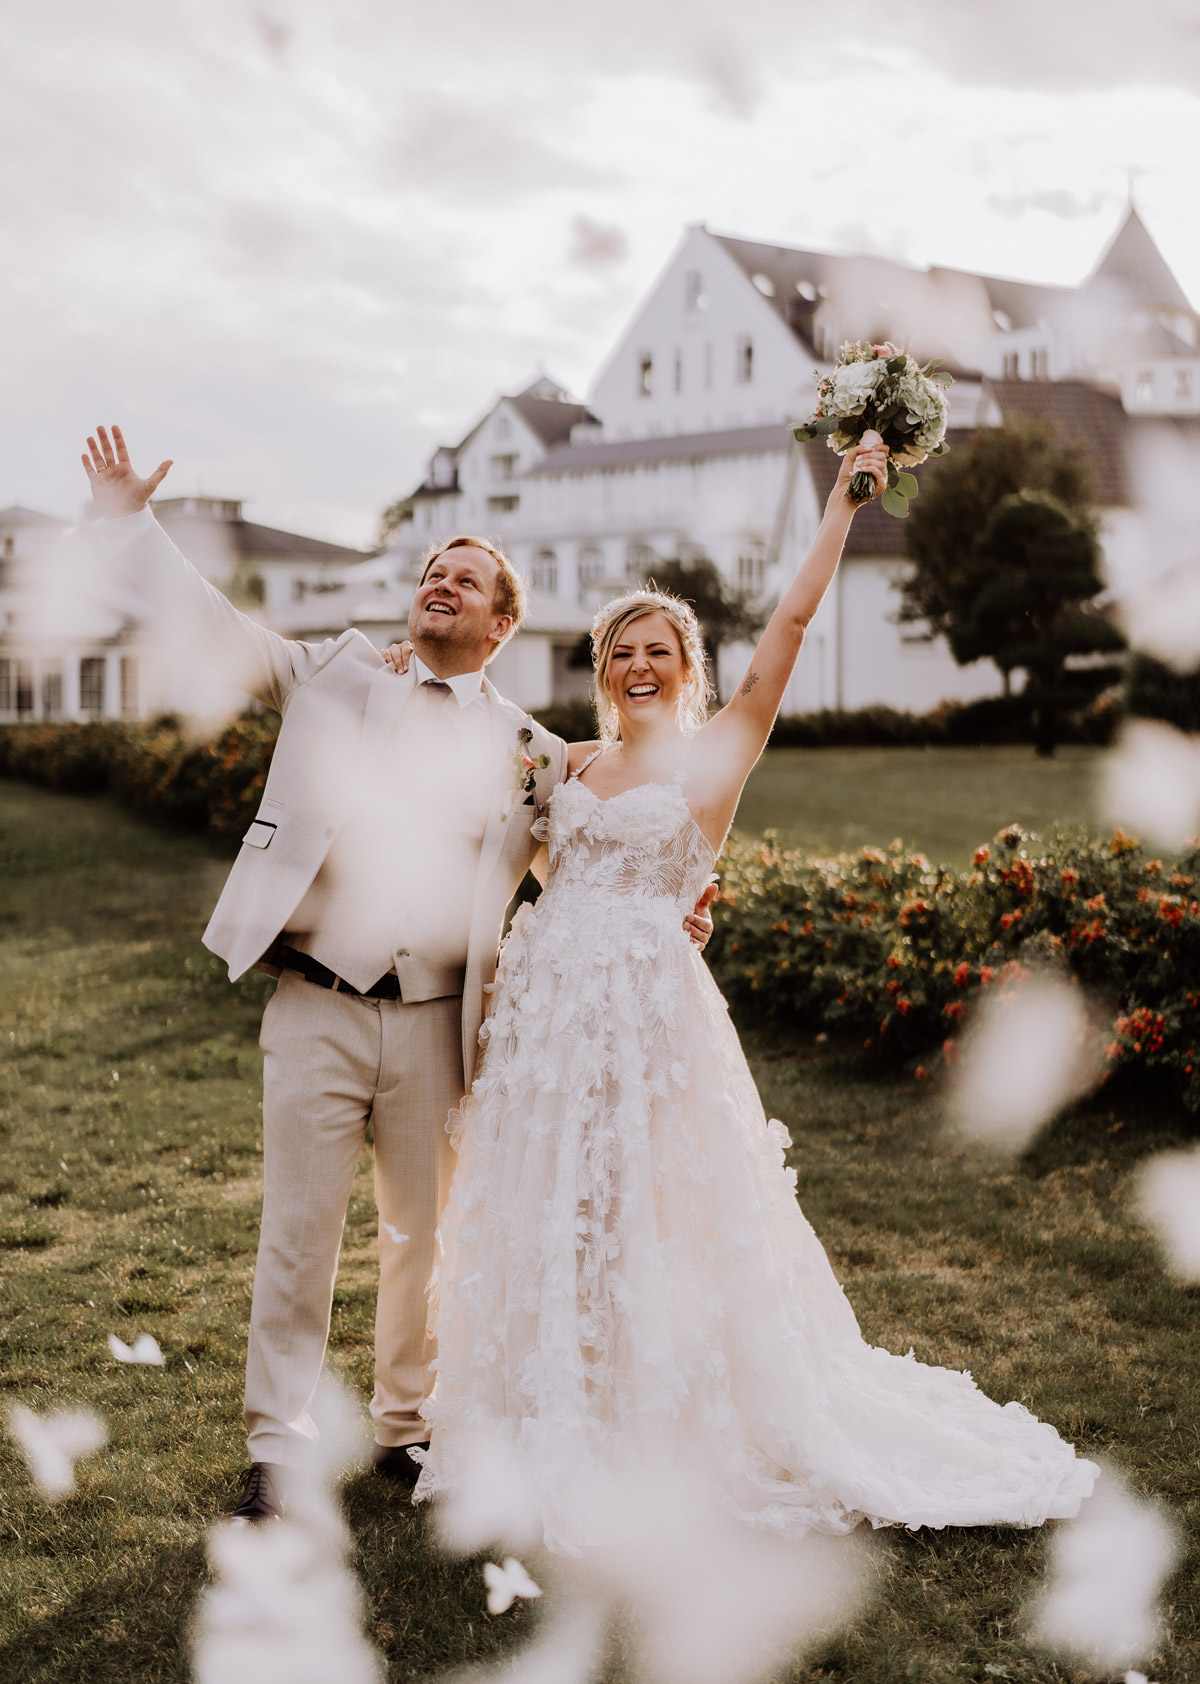 glückliches boho Hochzeitspaar: Fotoshooting Idee Brautpaar mit weißem Schmetterlingskonfetti für Ehepaar in hellem Hochzeitsoutfit auf Corona Gartenhochzeit am Wasser in Brandenburg. © www.hochzeitslicht.de #hochzeitslicht